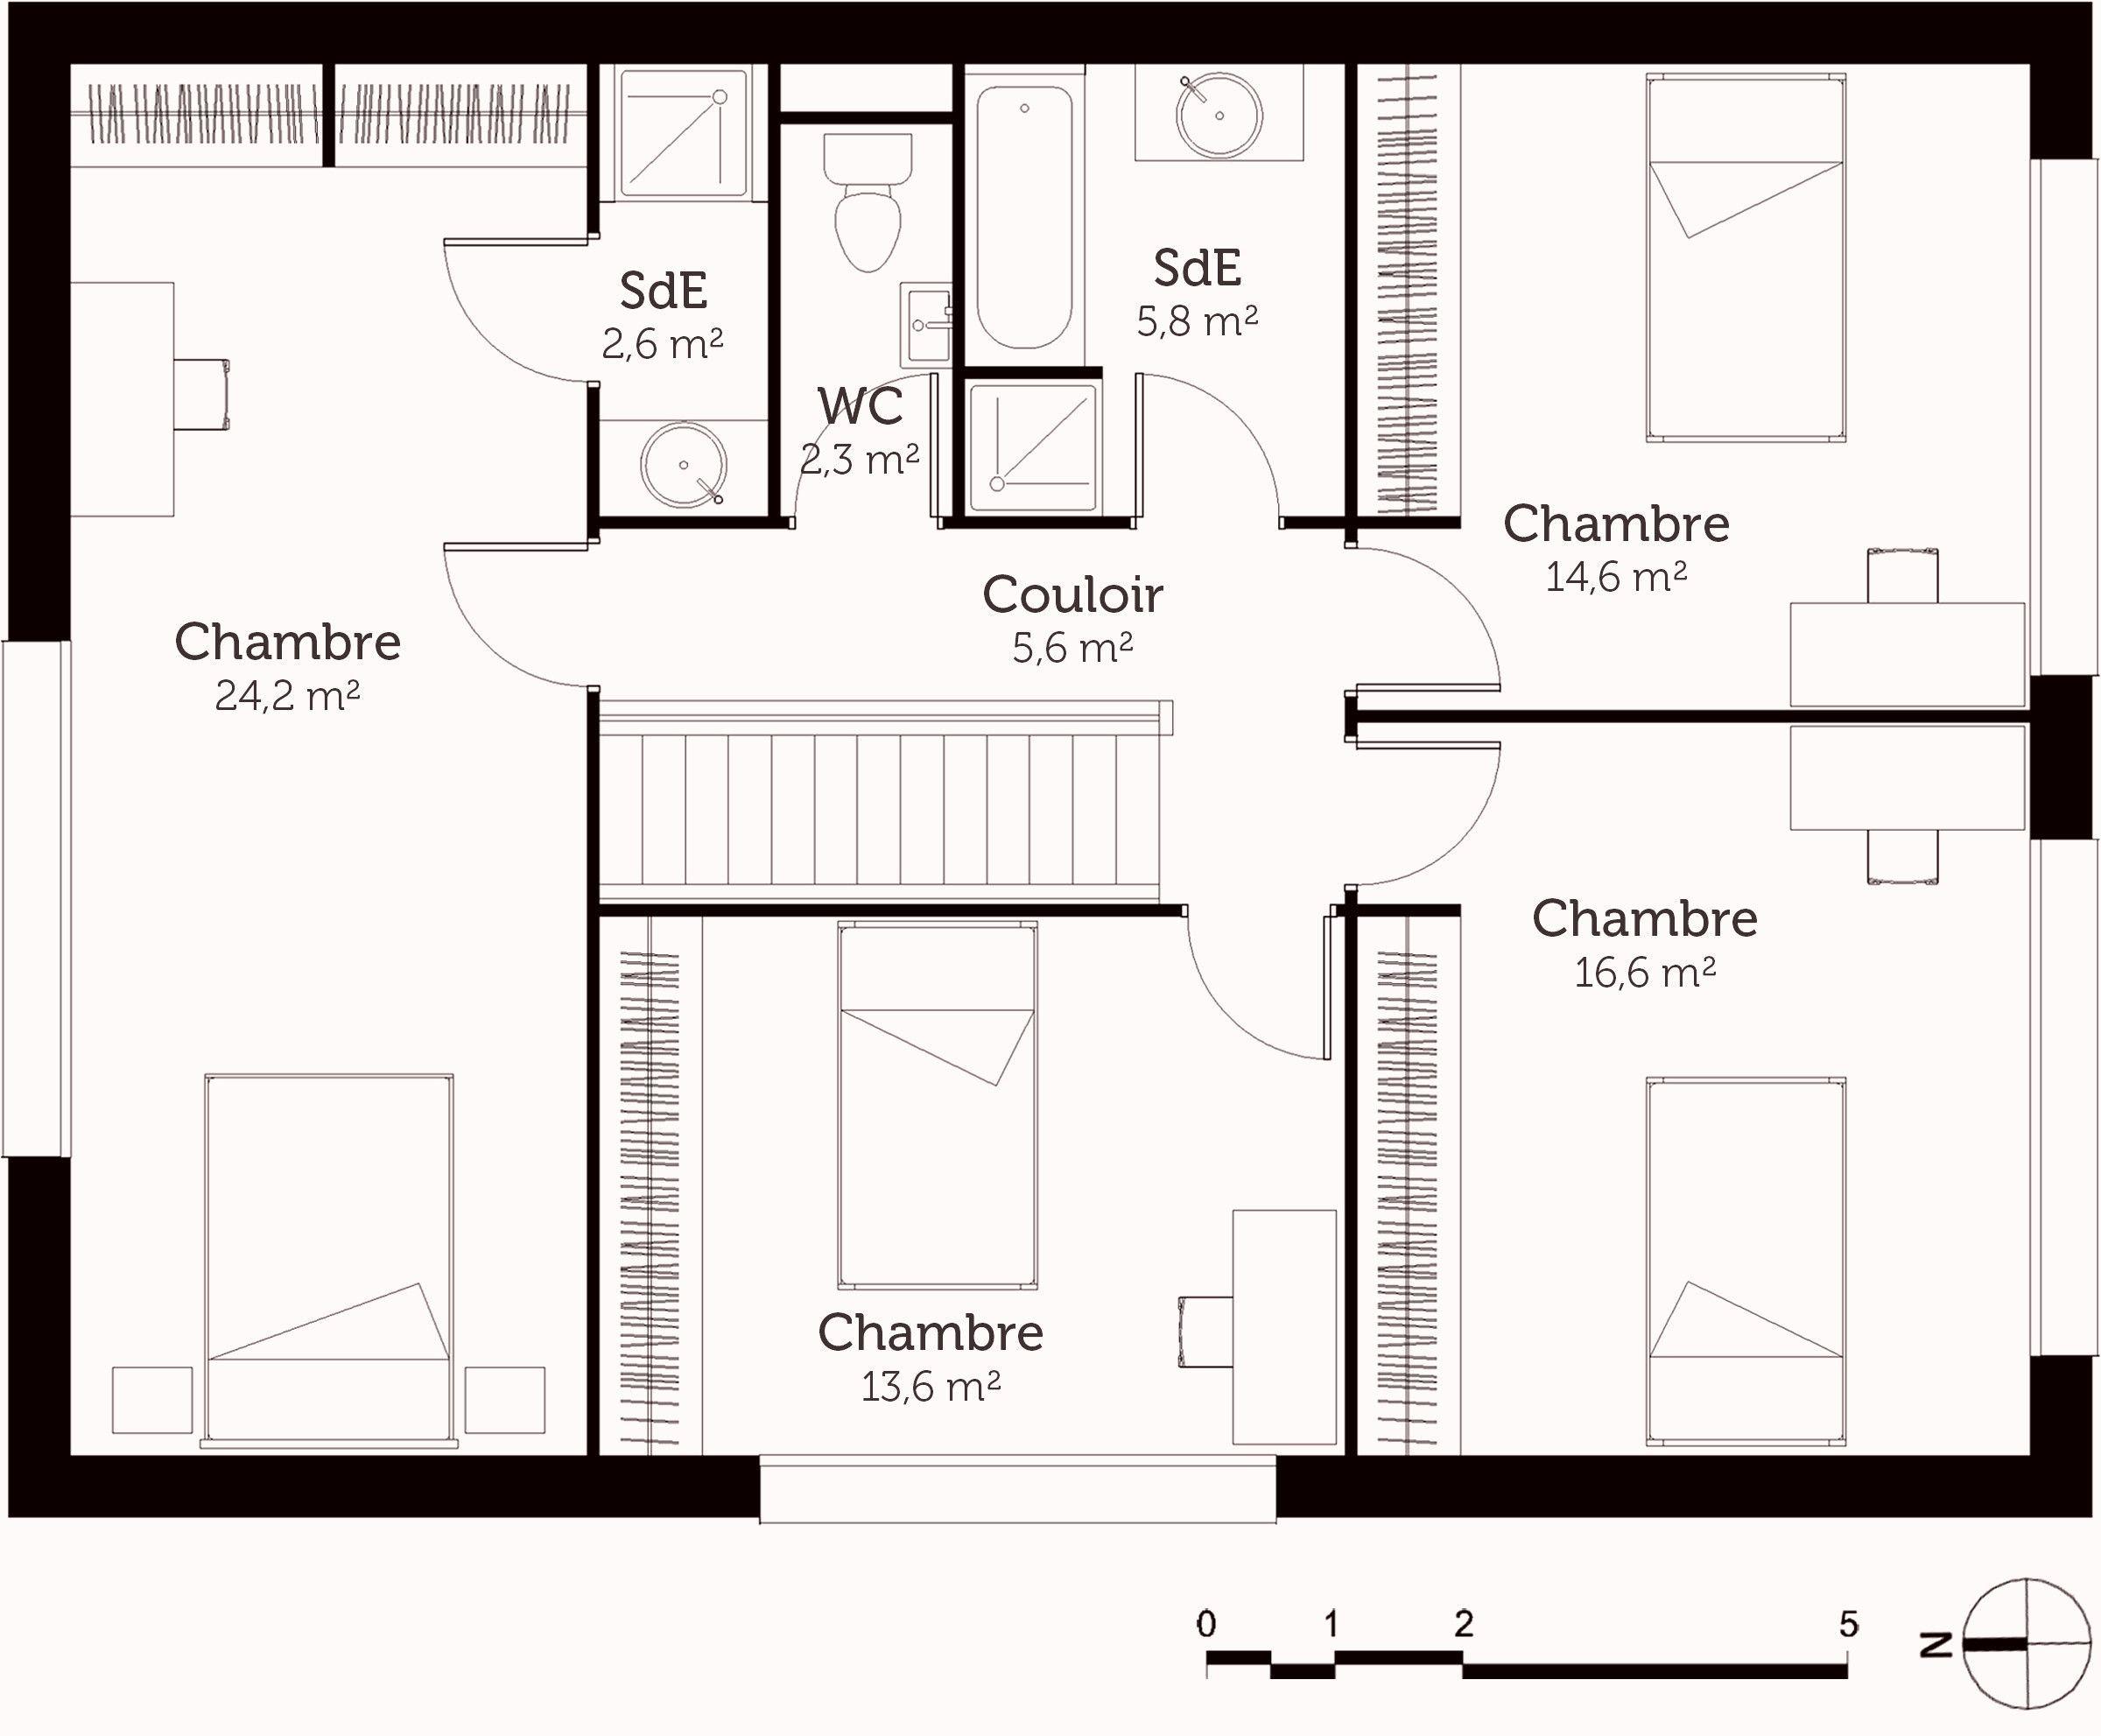 Plan De Maison Plain Pied 3 Chambres Avec Garage Plan Maison 90m2 Avec Garage Plan Maison 90m2 Plan Maison Plan